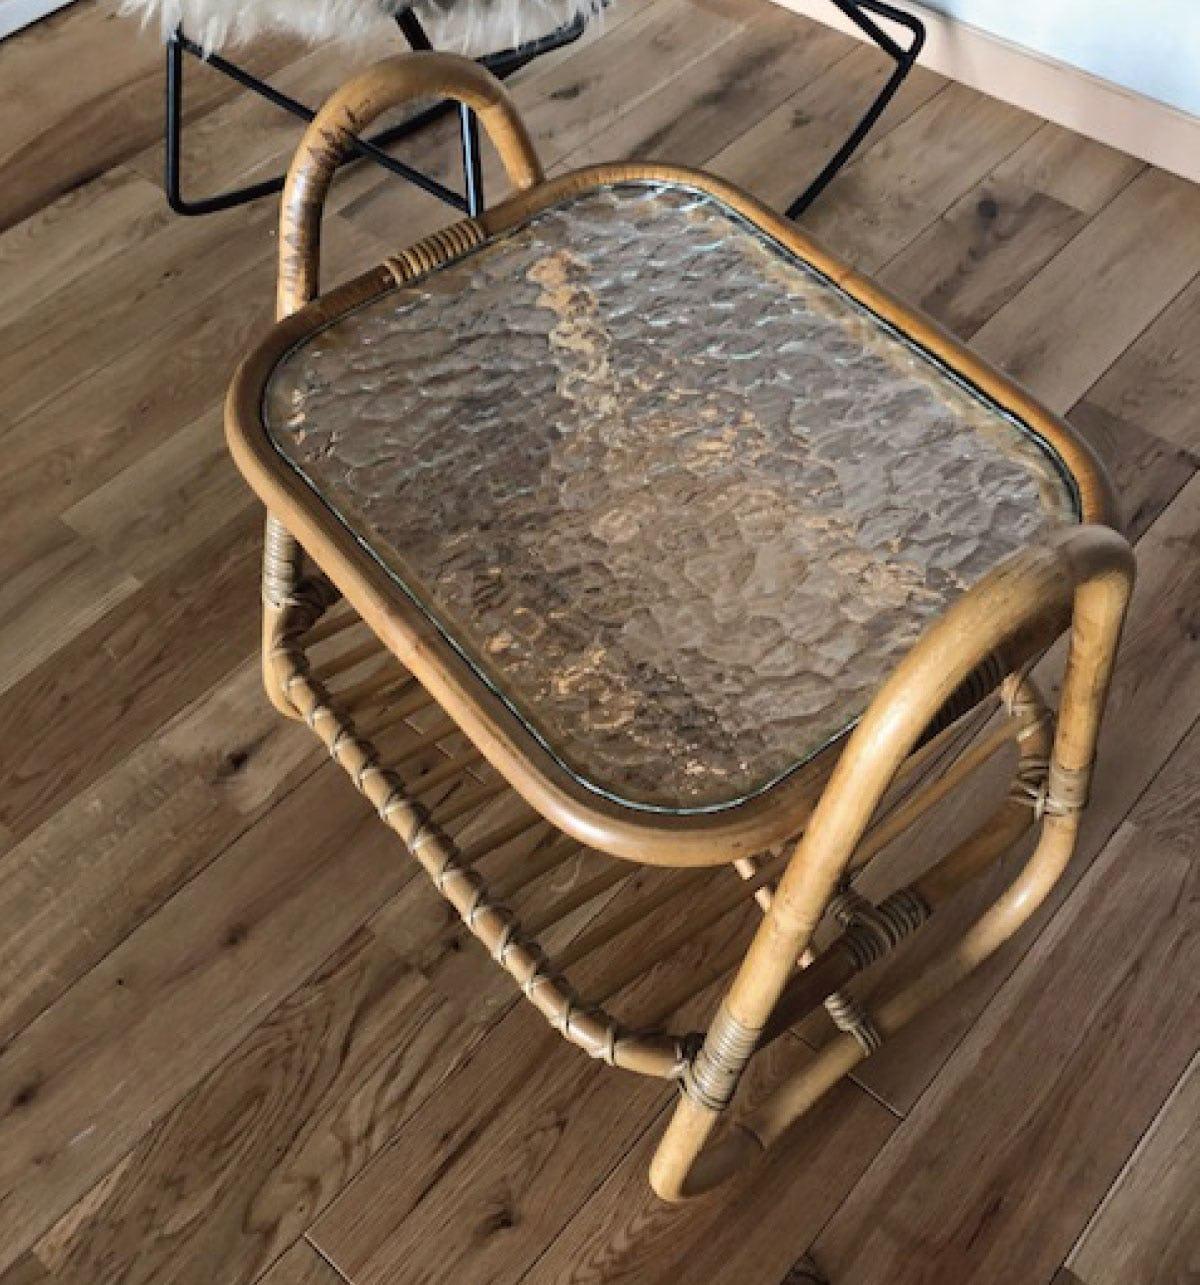 「SAG-012 モニュメンタルM」を使用したサイドテーブルのお写真